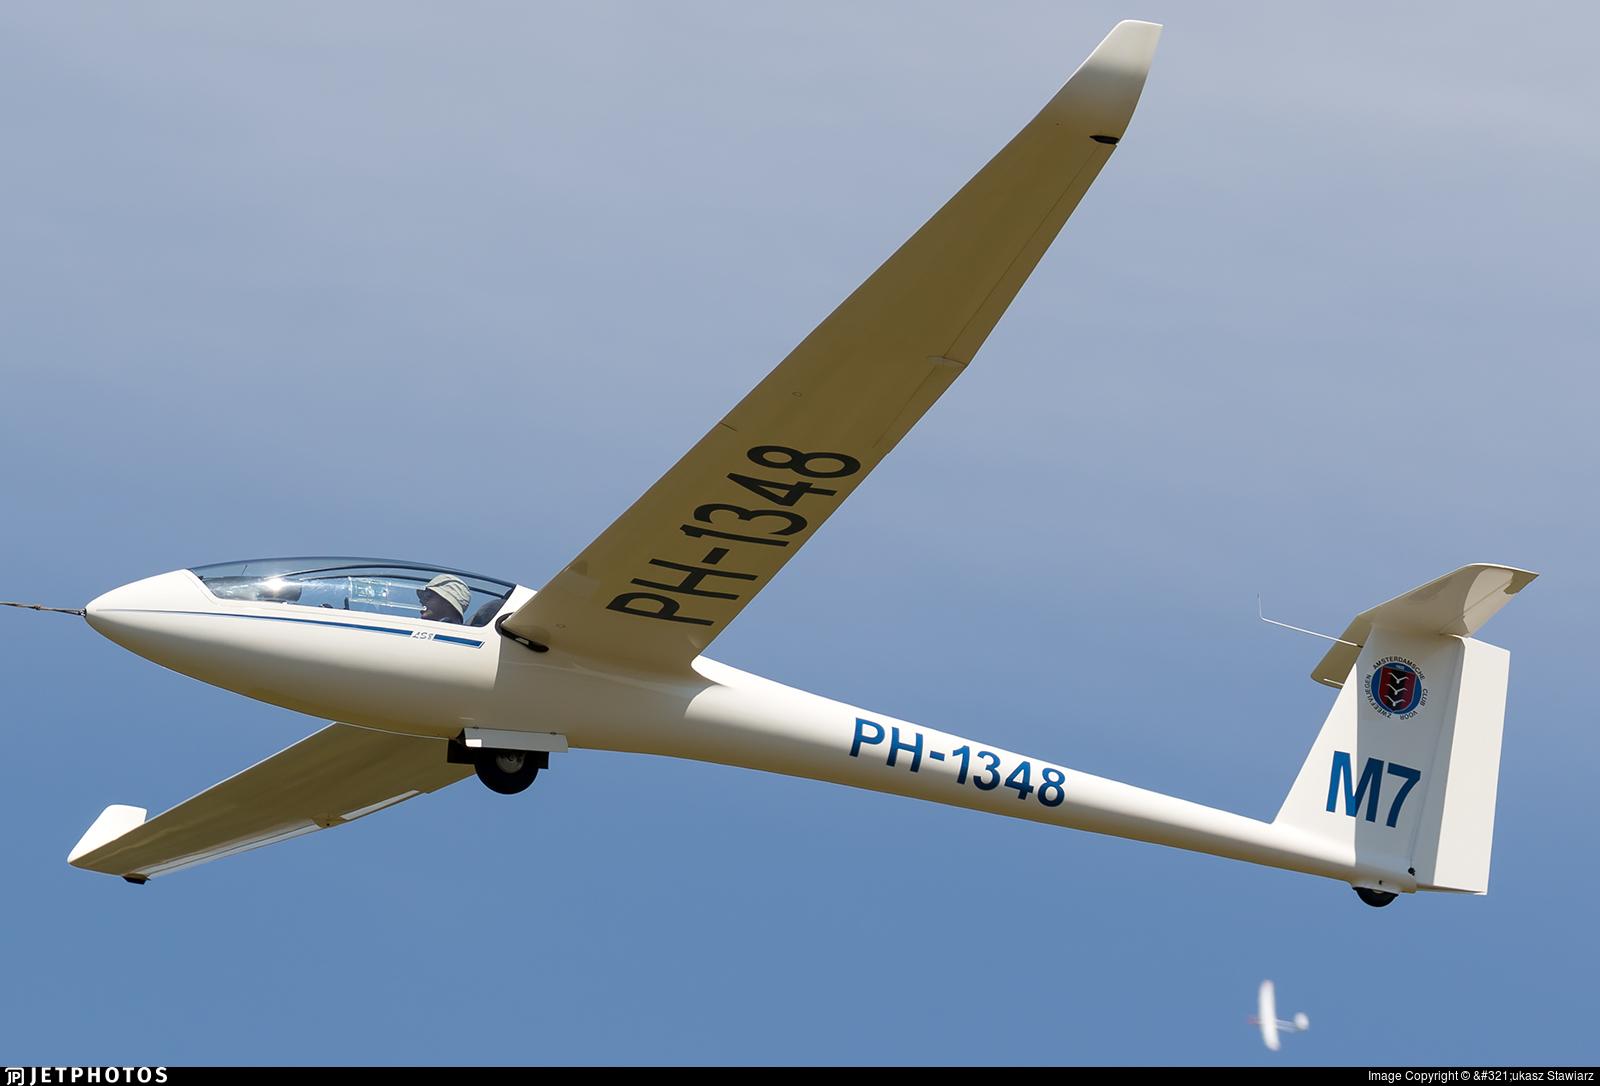 PH-1348 - Rolladen-Schneider LS-8 - Private